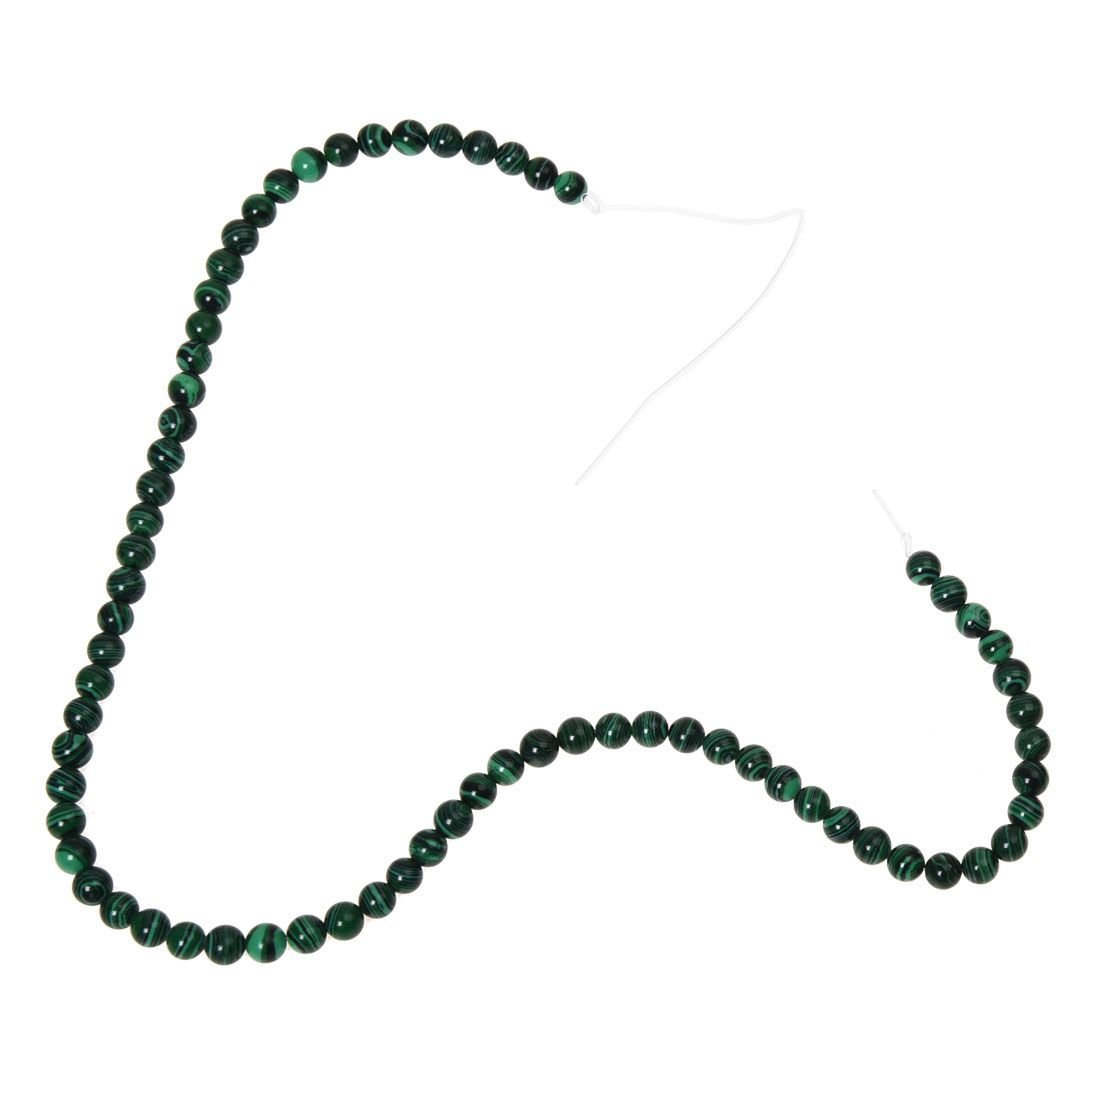 TOOGOO(R) 6 mm Verde Malachite Perline rotonde Strand Con una Borsa Custodia per fare gioielli, Design, Artigianato 045214